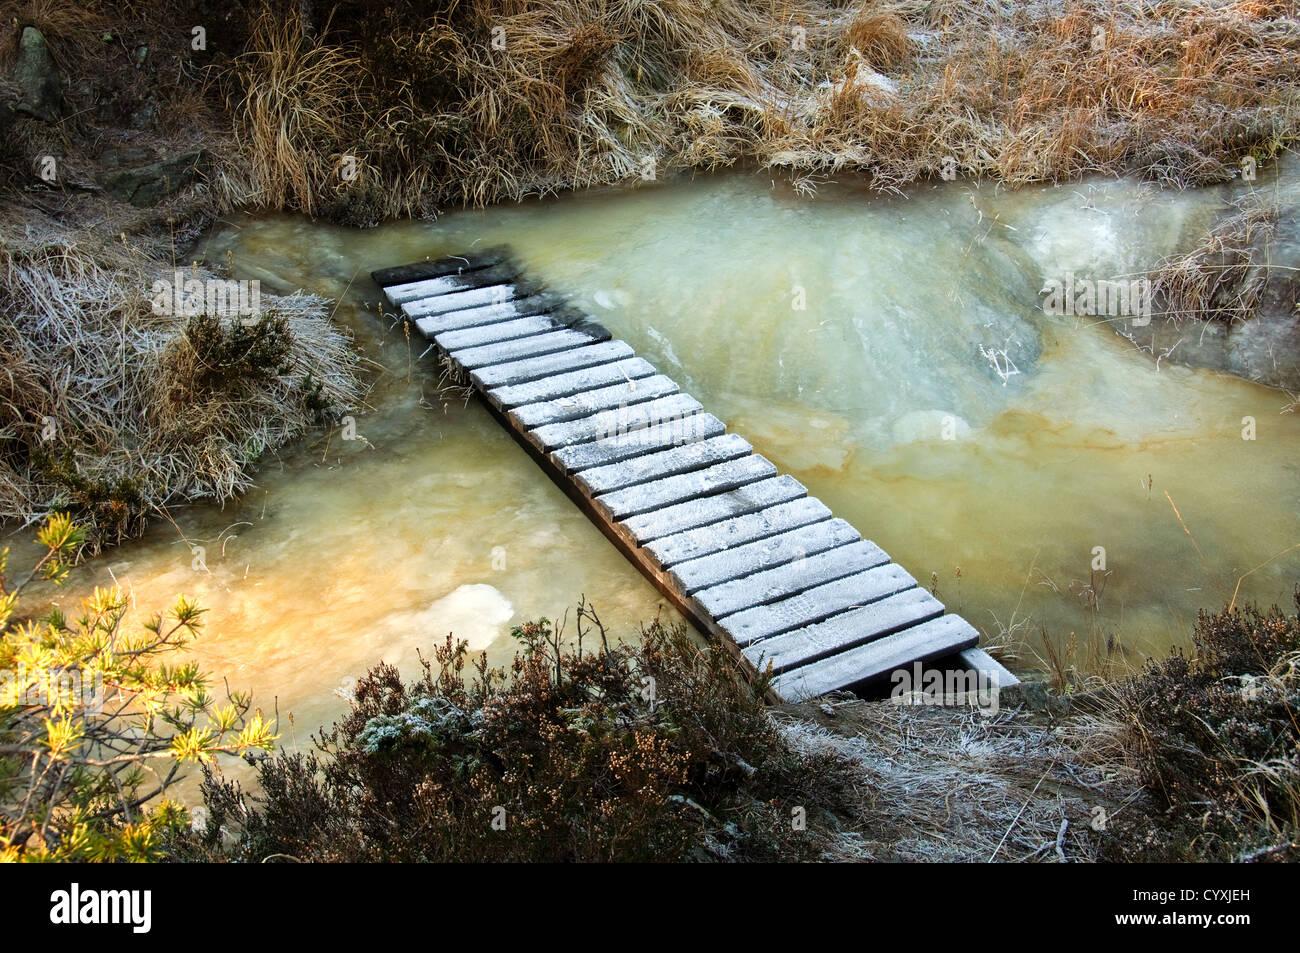 Un puente de madera sobre un arroyo helado Imagen De Stock